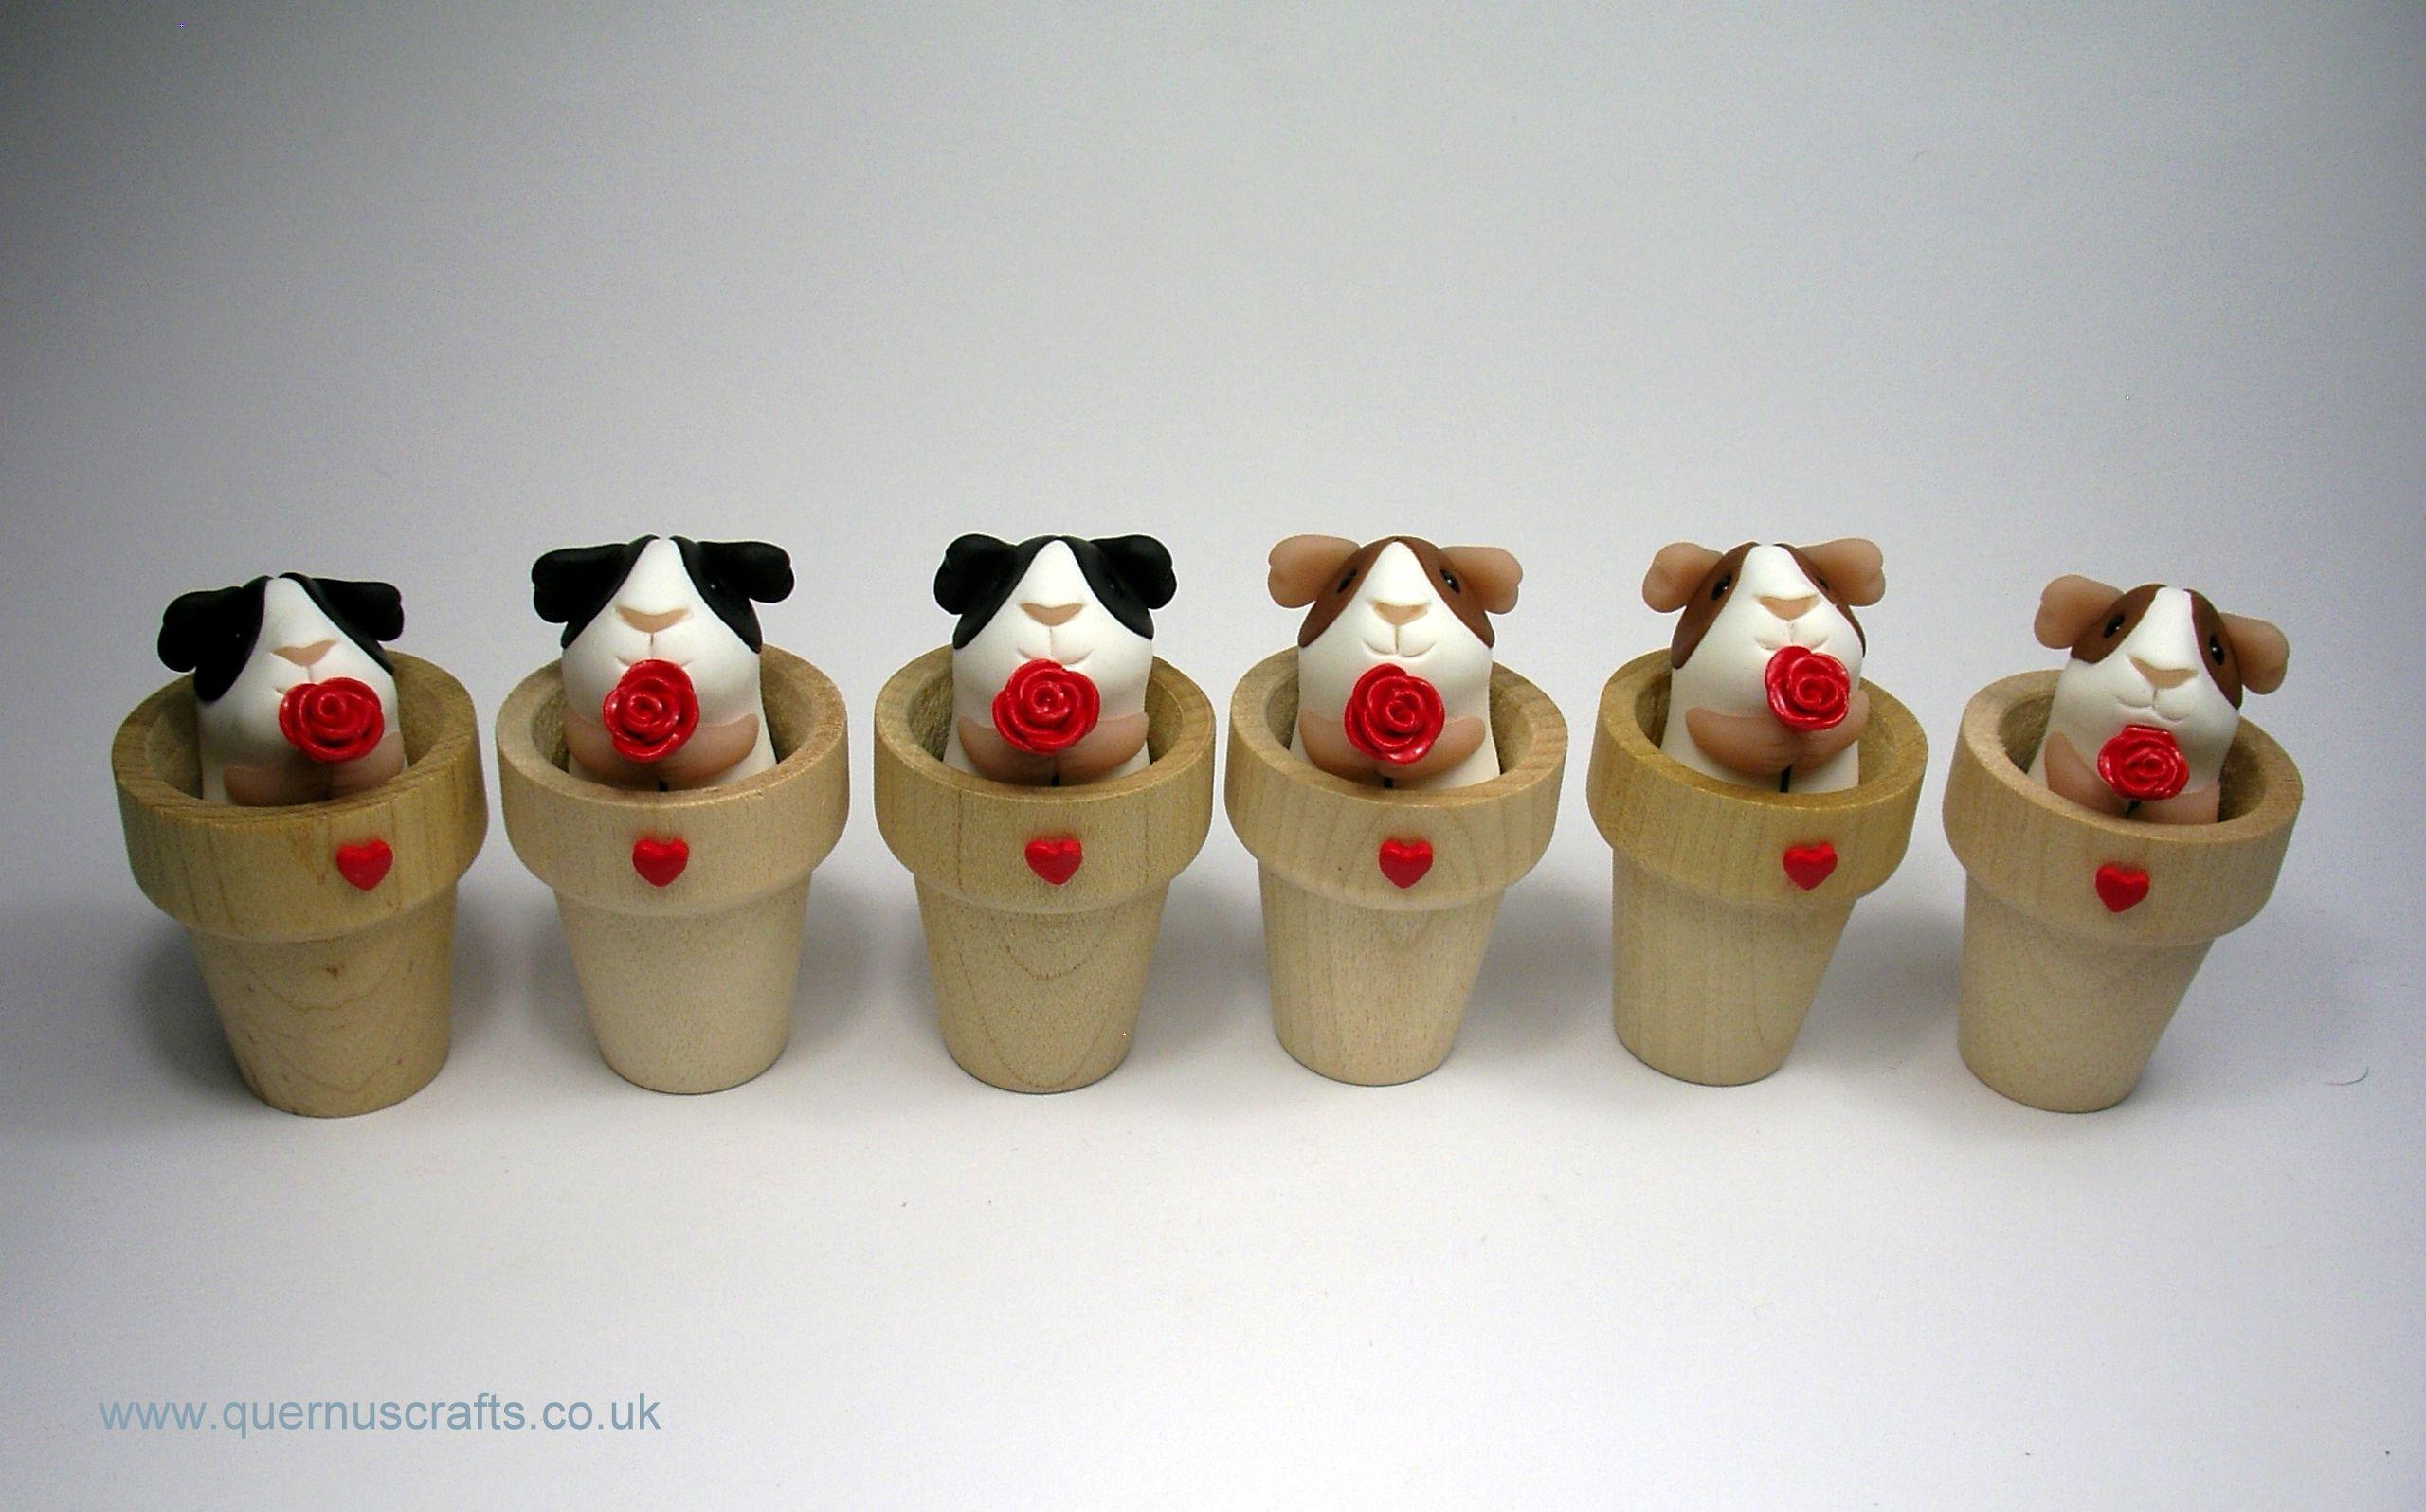 Little Flowerpot Rose Guinea Pig (£22.50)